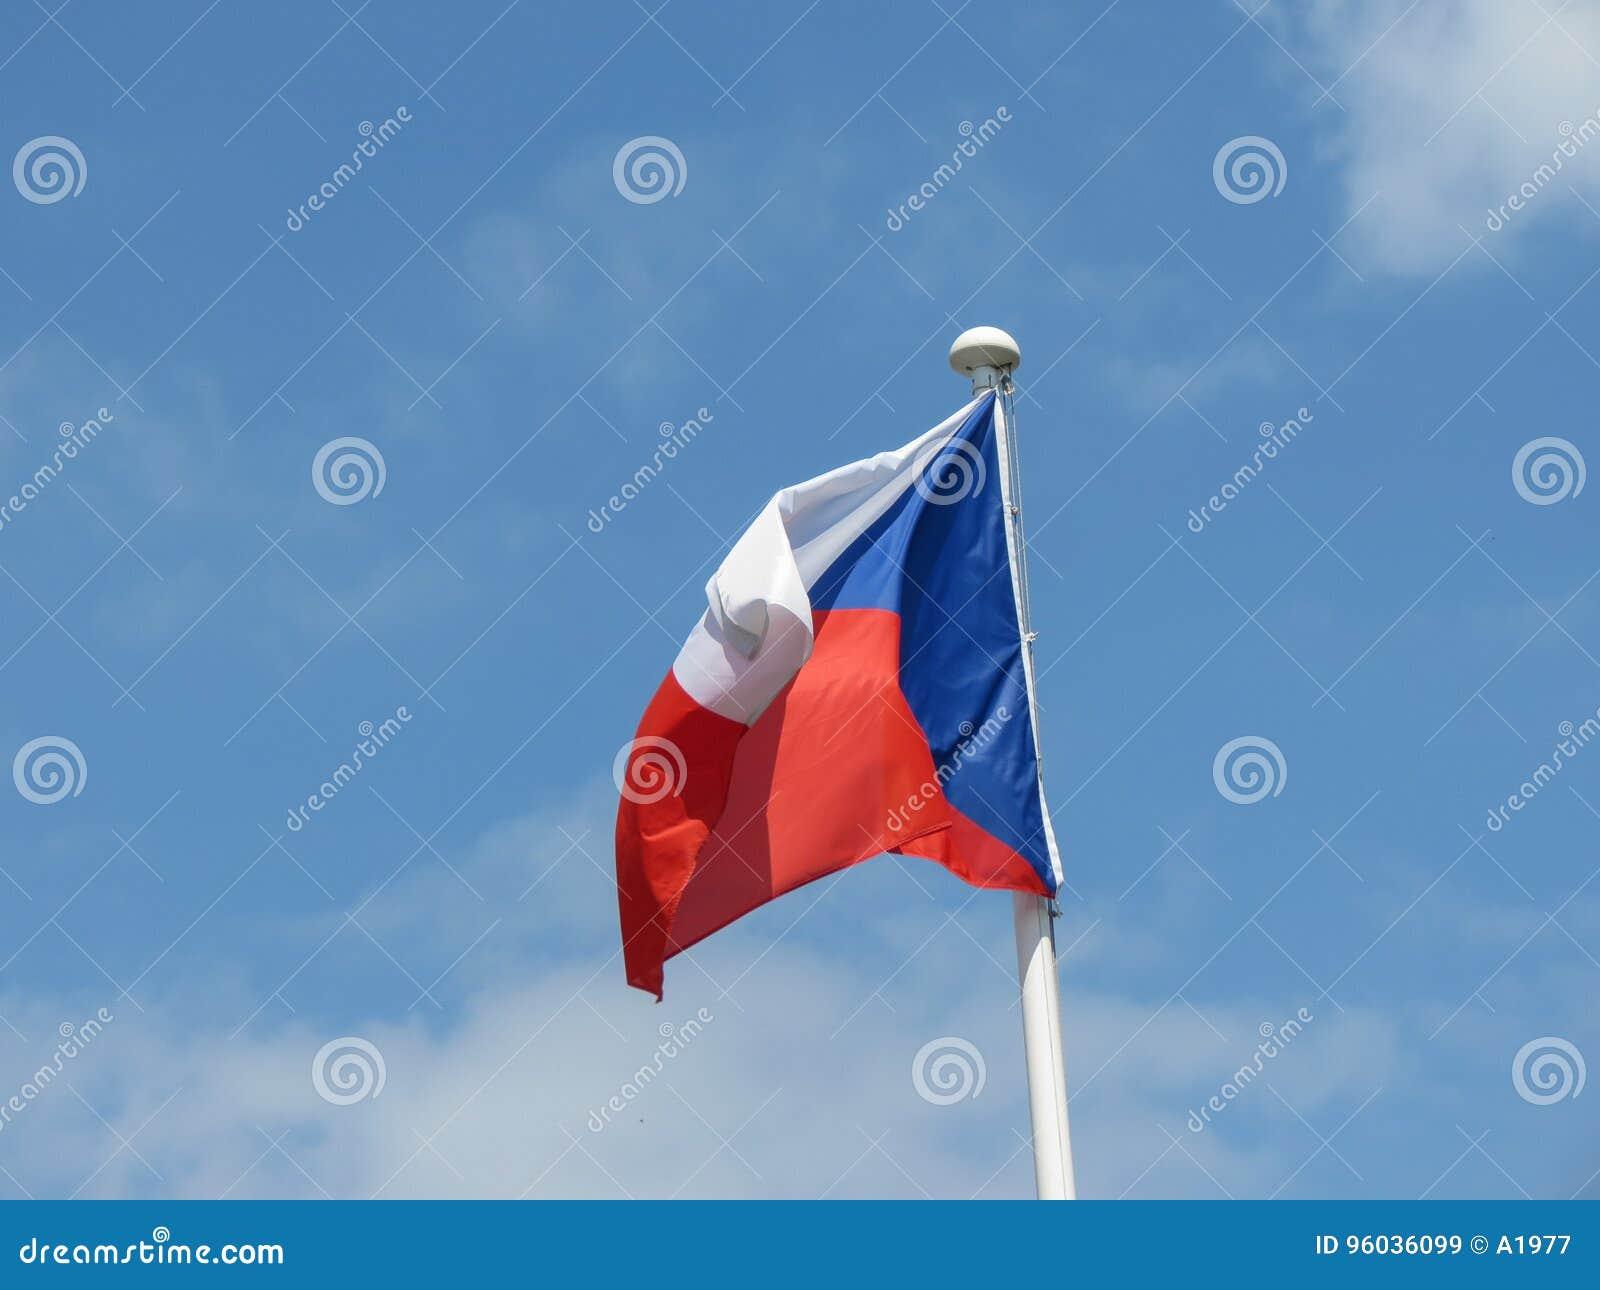 Czech flaga republika czech